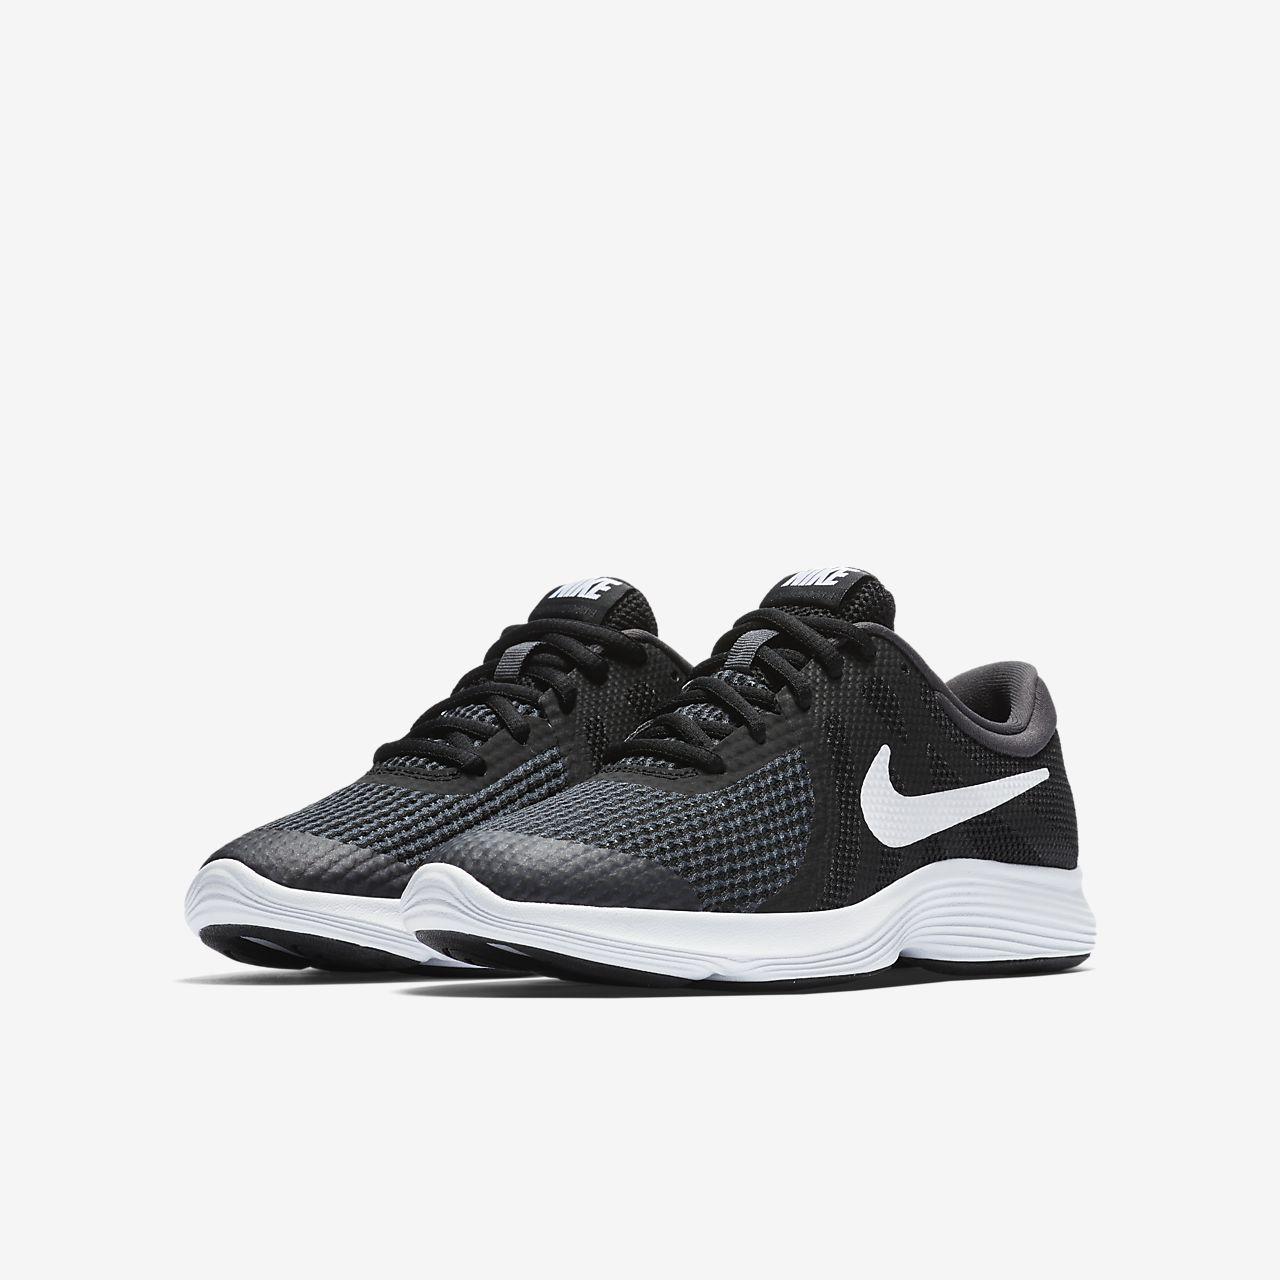 2fcf9cacfd8f1b Chaussure de running Nike Revolution 4 pour Enfant plus âgé. Nike.com FR